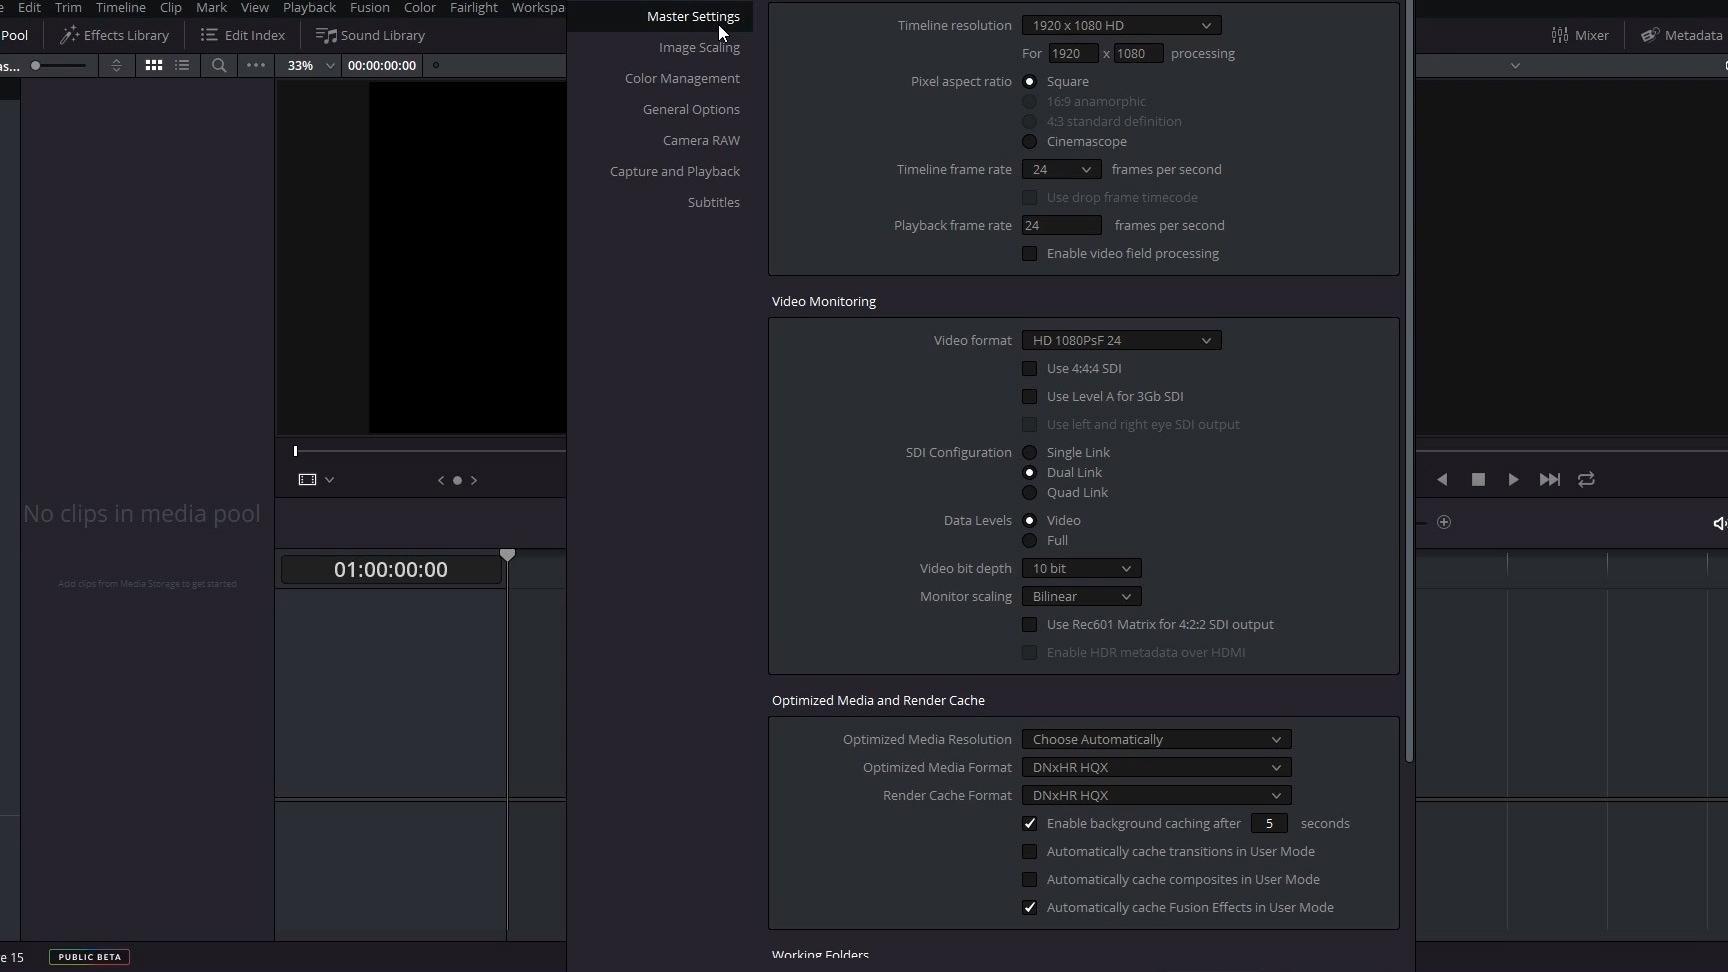 DaVinci Resolve ermöglicht eine Videobearbeitung mit mehreren Bildschirmen.